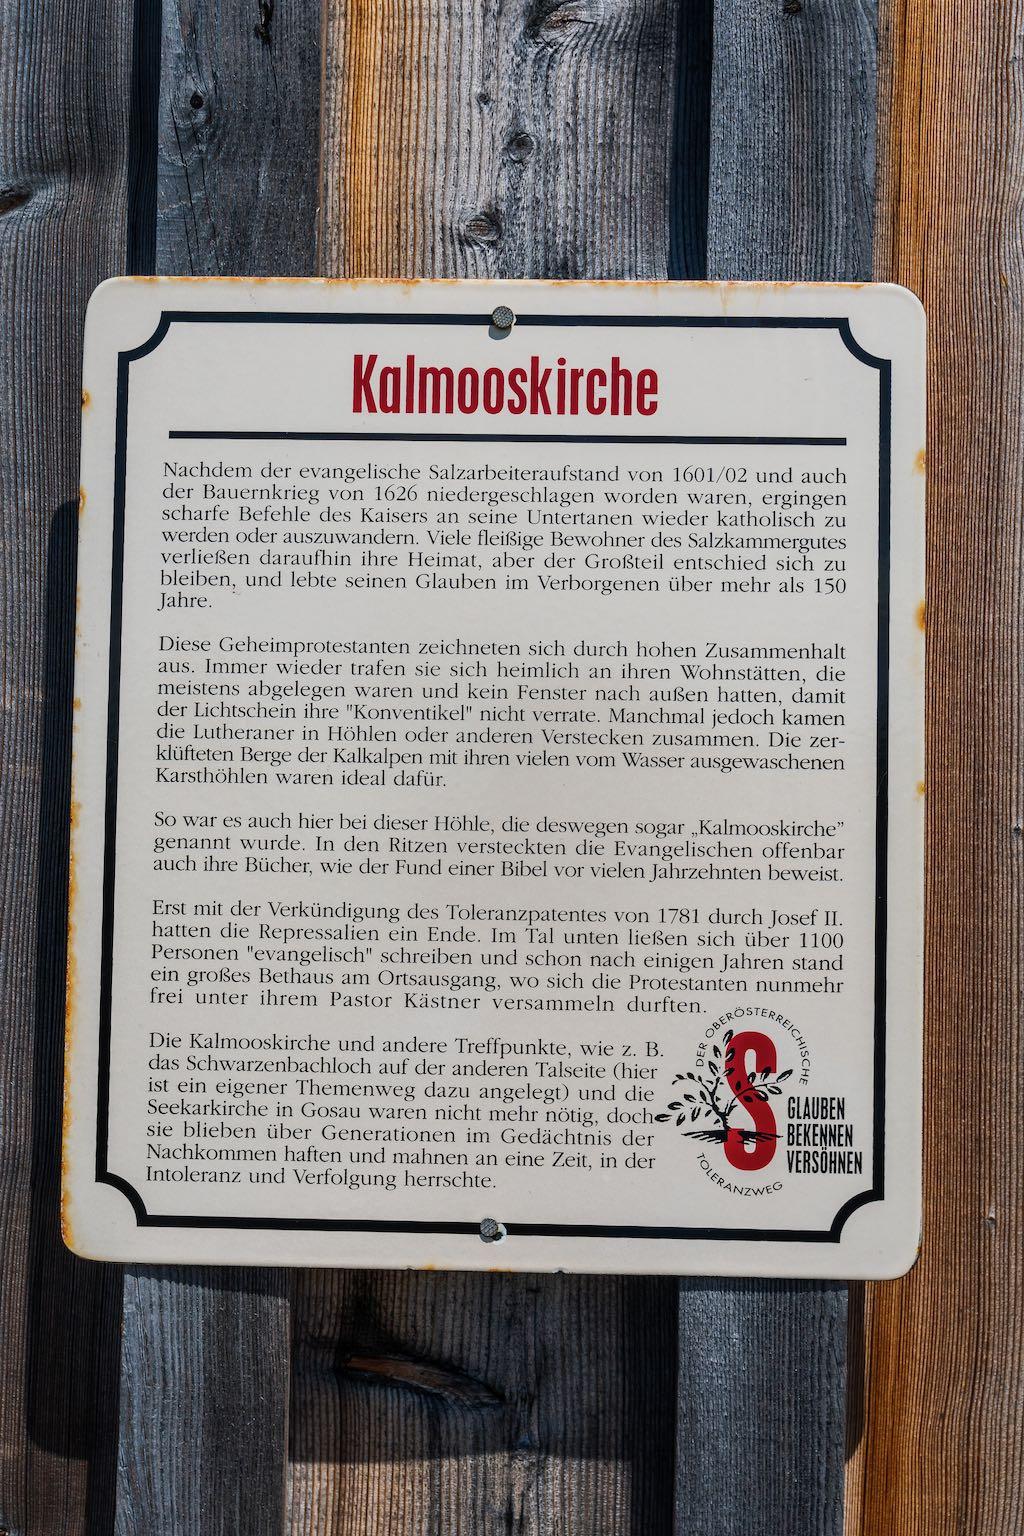 Infotafel Kalmooskirche ©Gipfelfieber